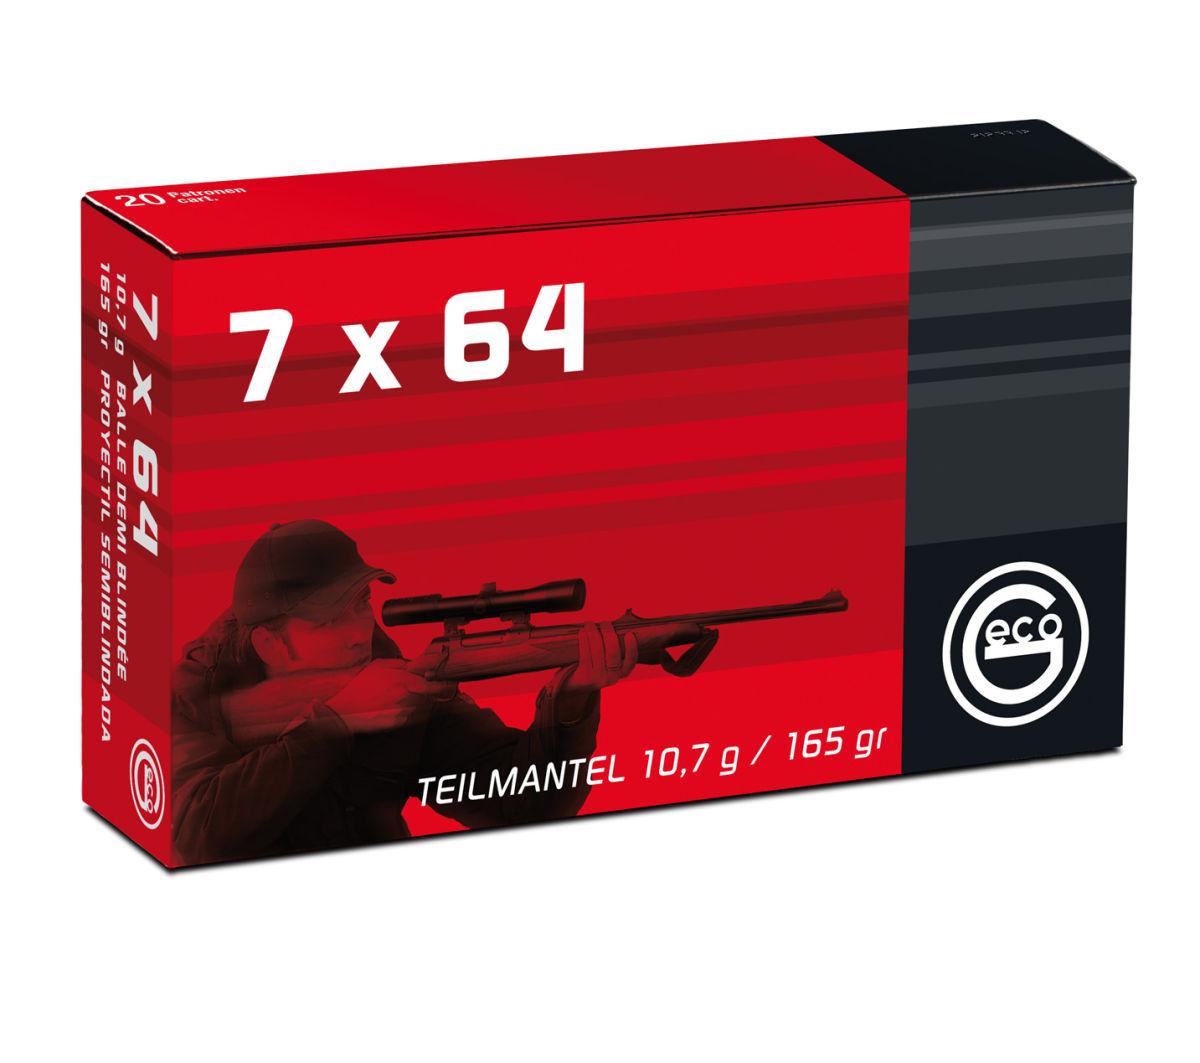 7x64 - ein rasantes Geschoss Schussergebnisse Saustarke Kaliber für die Jagd Treffersitz Fluchtdistanz